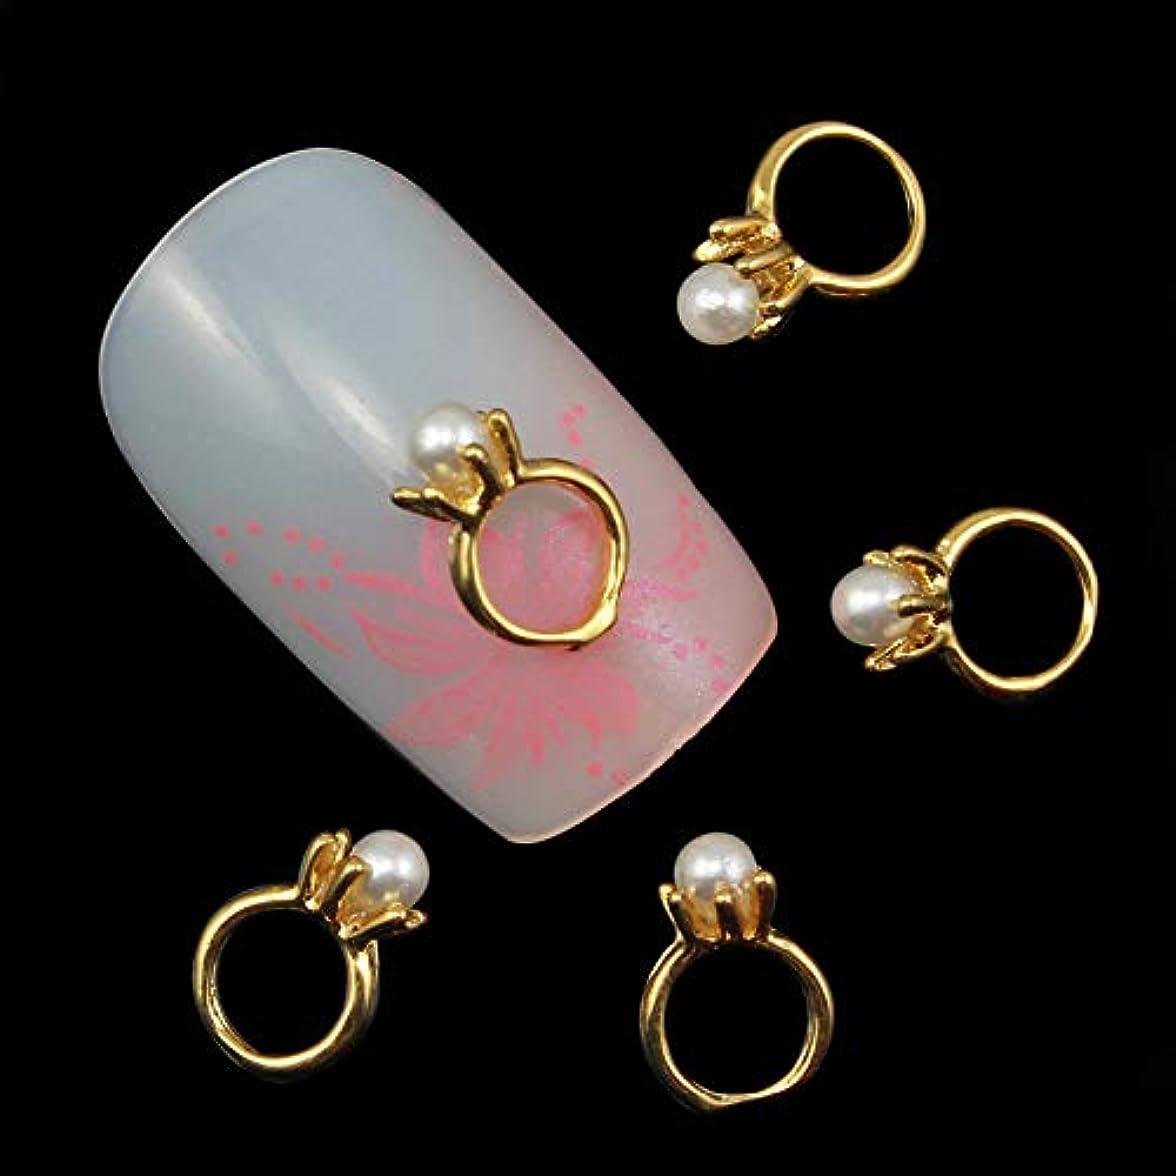 ラグ隣接手数料10個入りの3Dネイルアートのラインストーンのデコレーションパールゴールドリング形状ネイルのヒントネイルジェルツールサプライヤのセックス製品